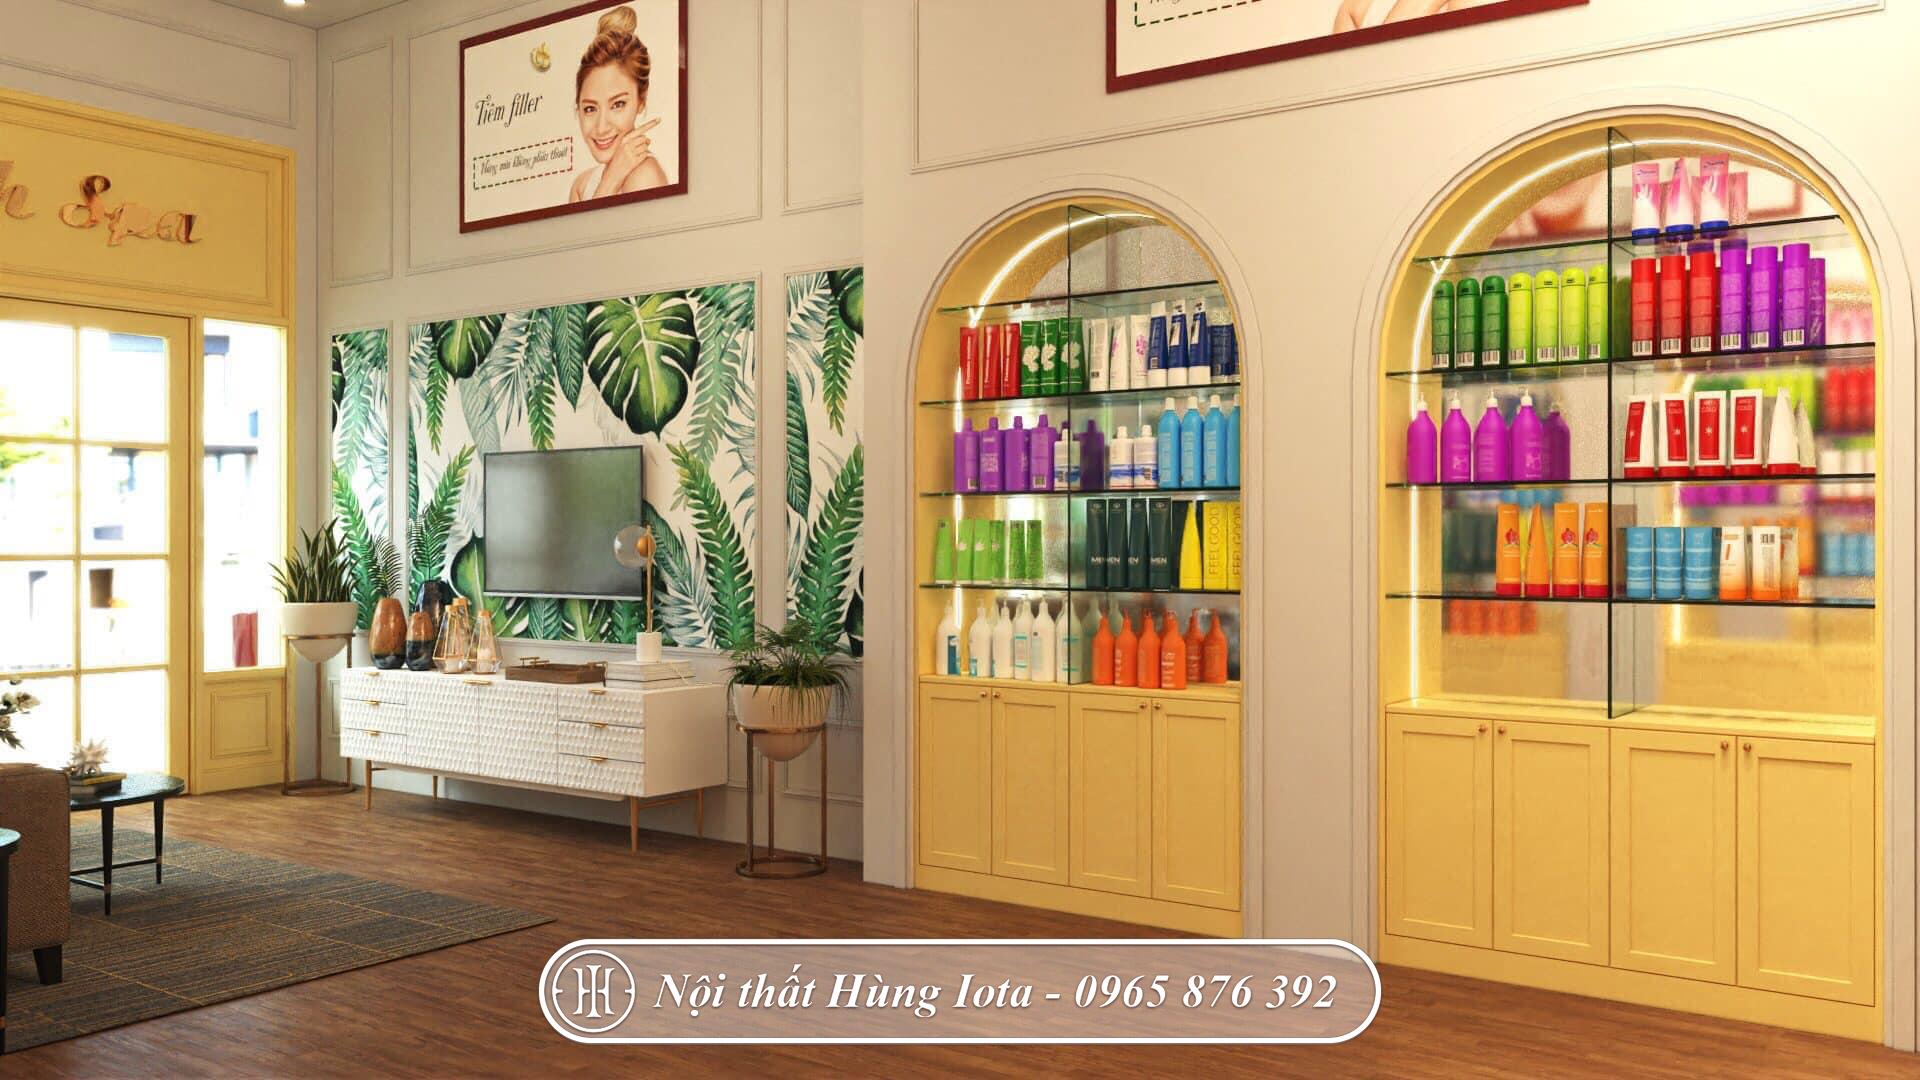 Thiết kế phòng tư vấn tiếp khách spa tại Uông Bi, Quảng Ninh phong cách Dome House